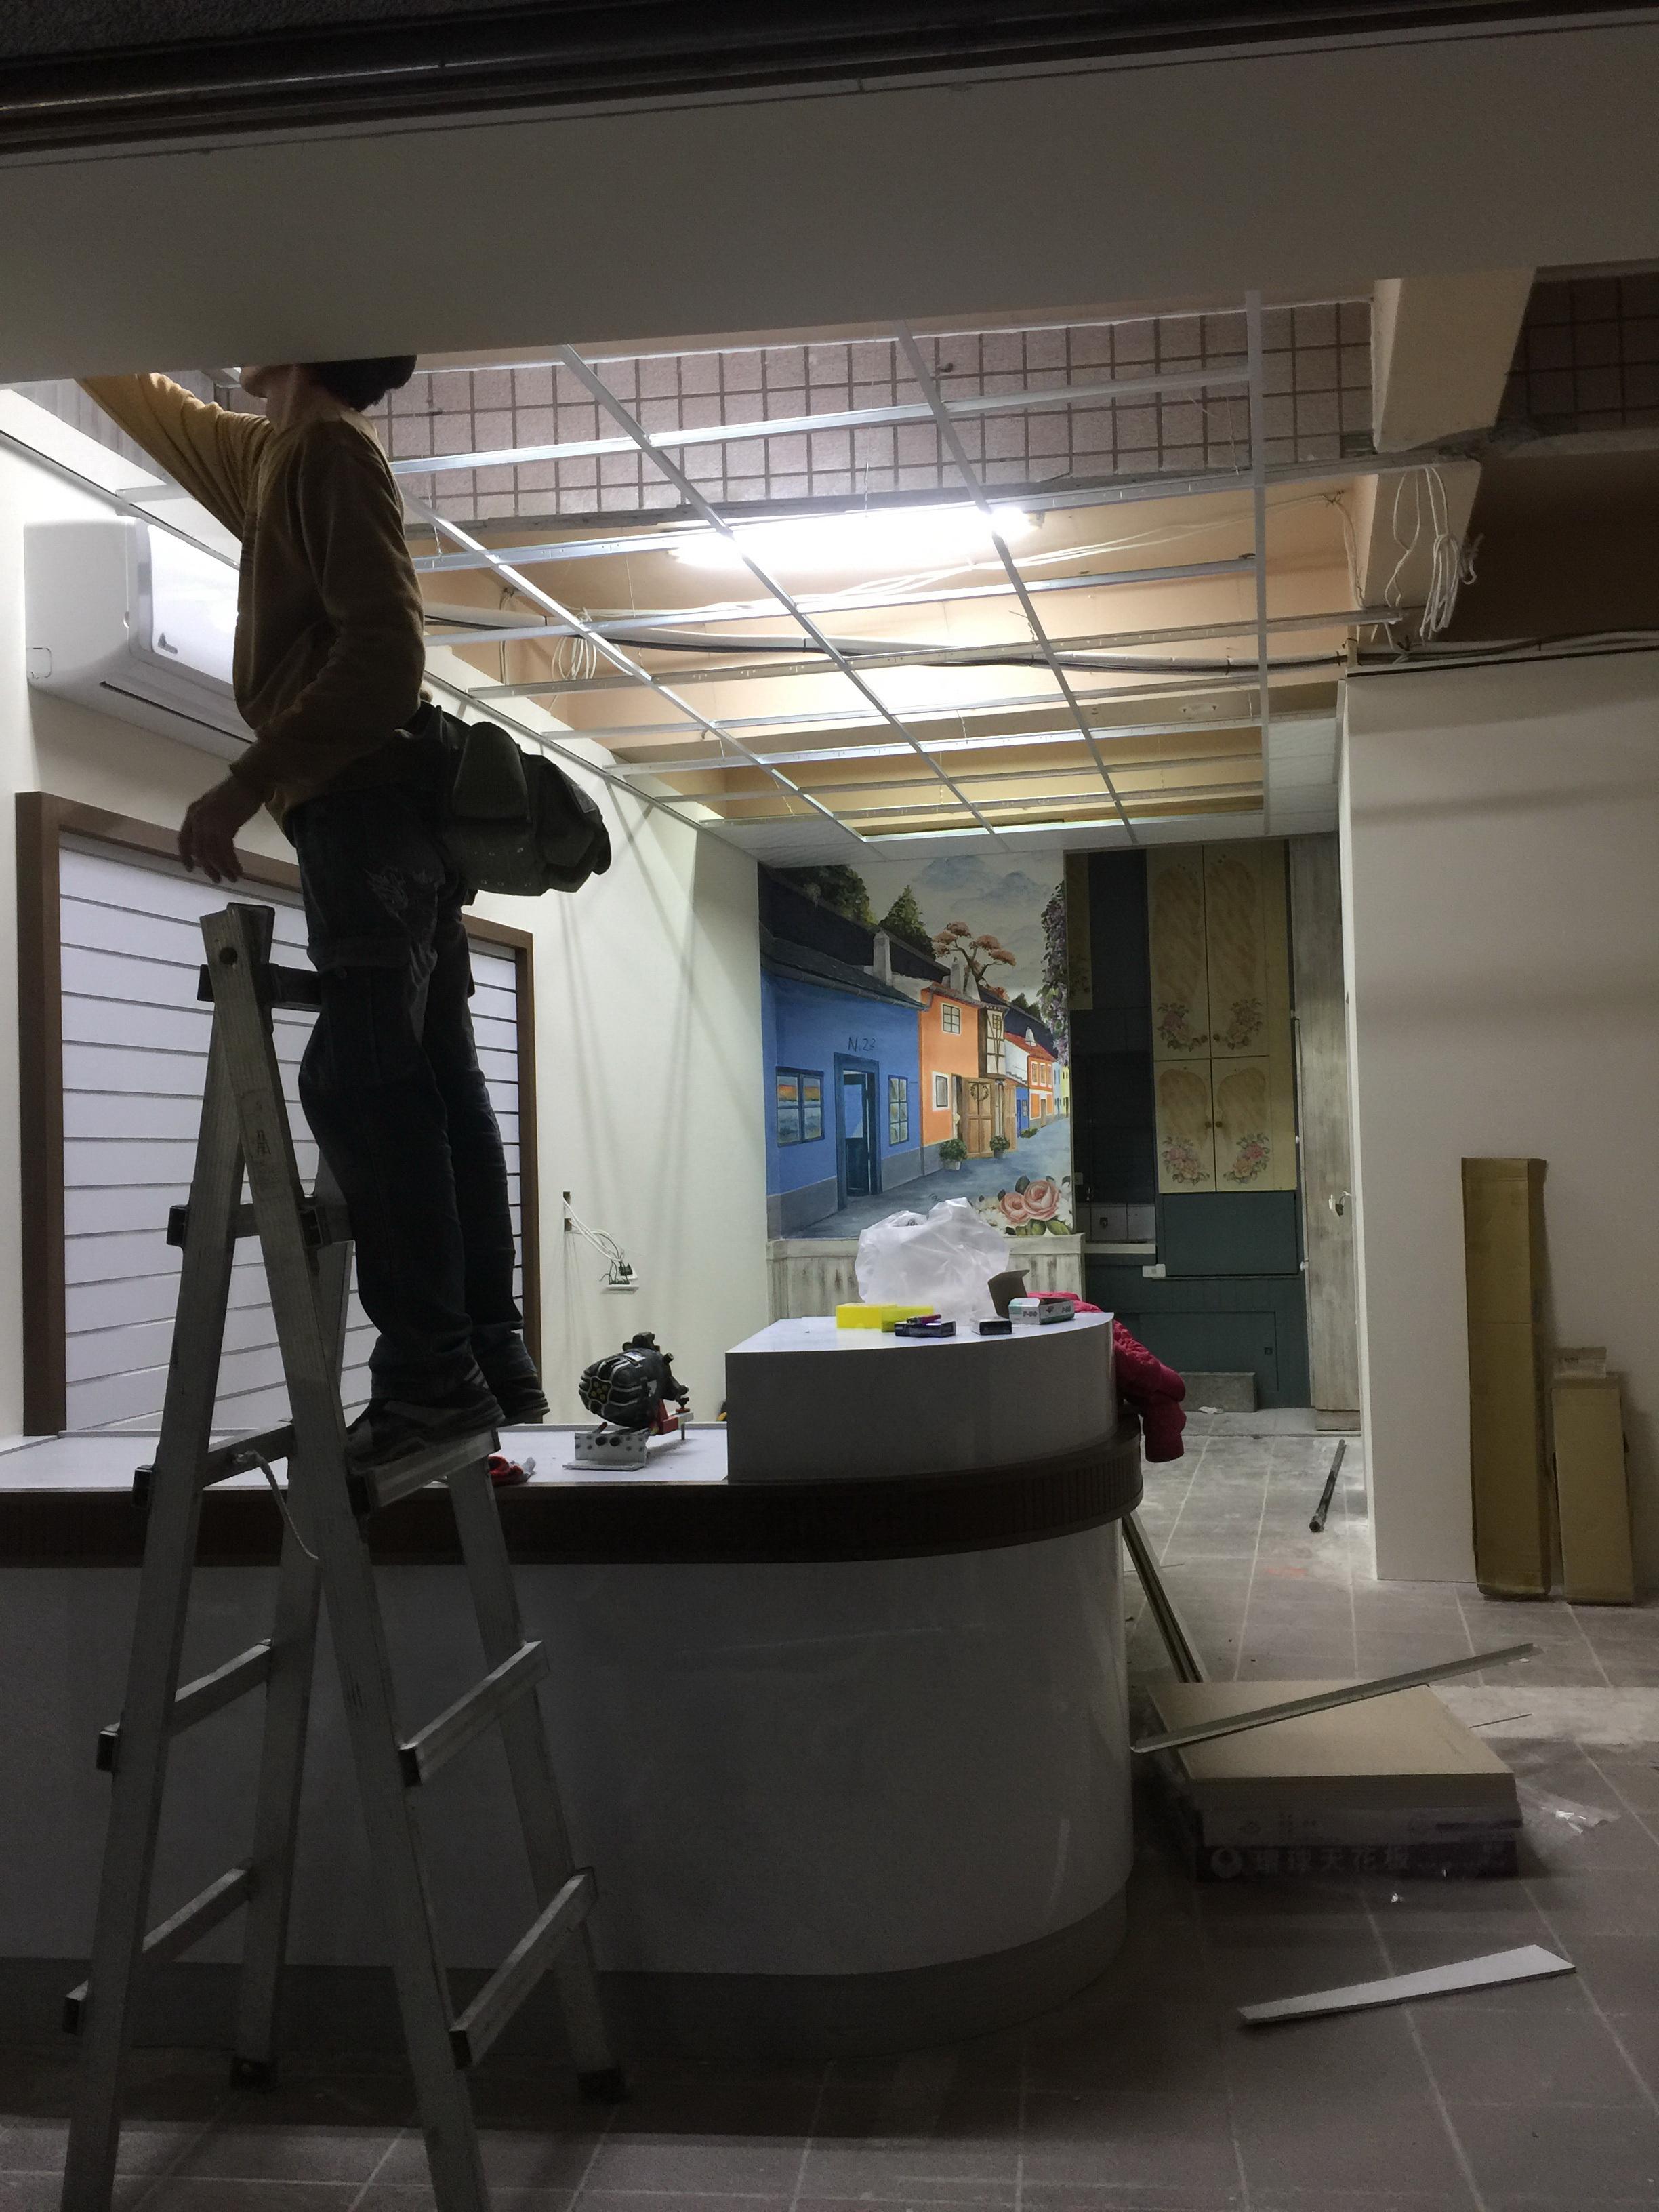 14.天花板輕鋼架施工